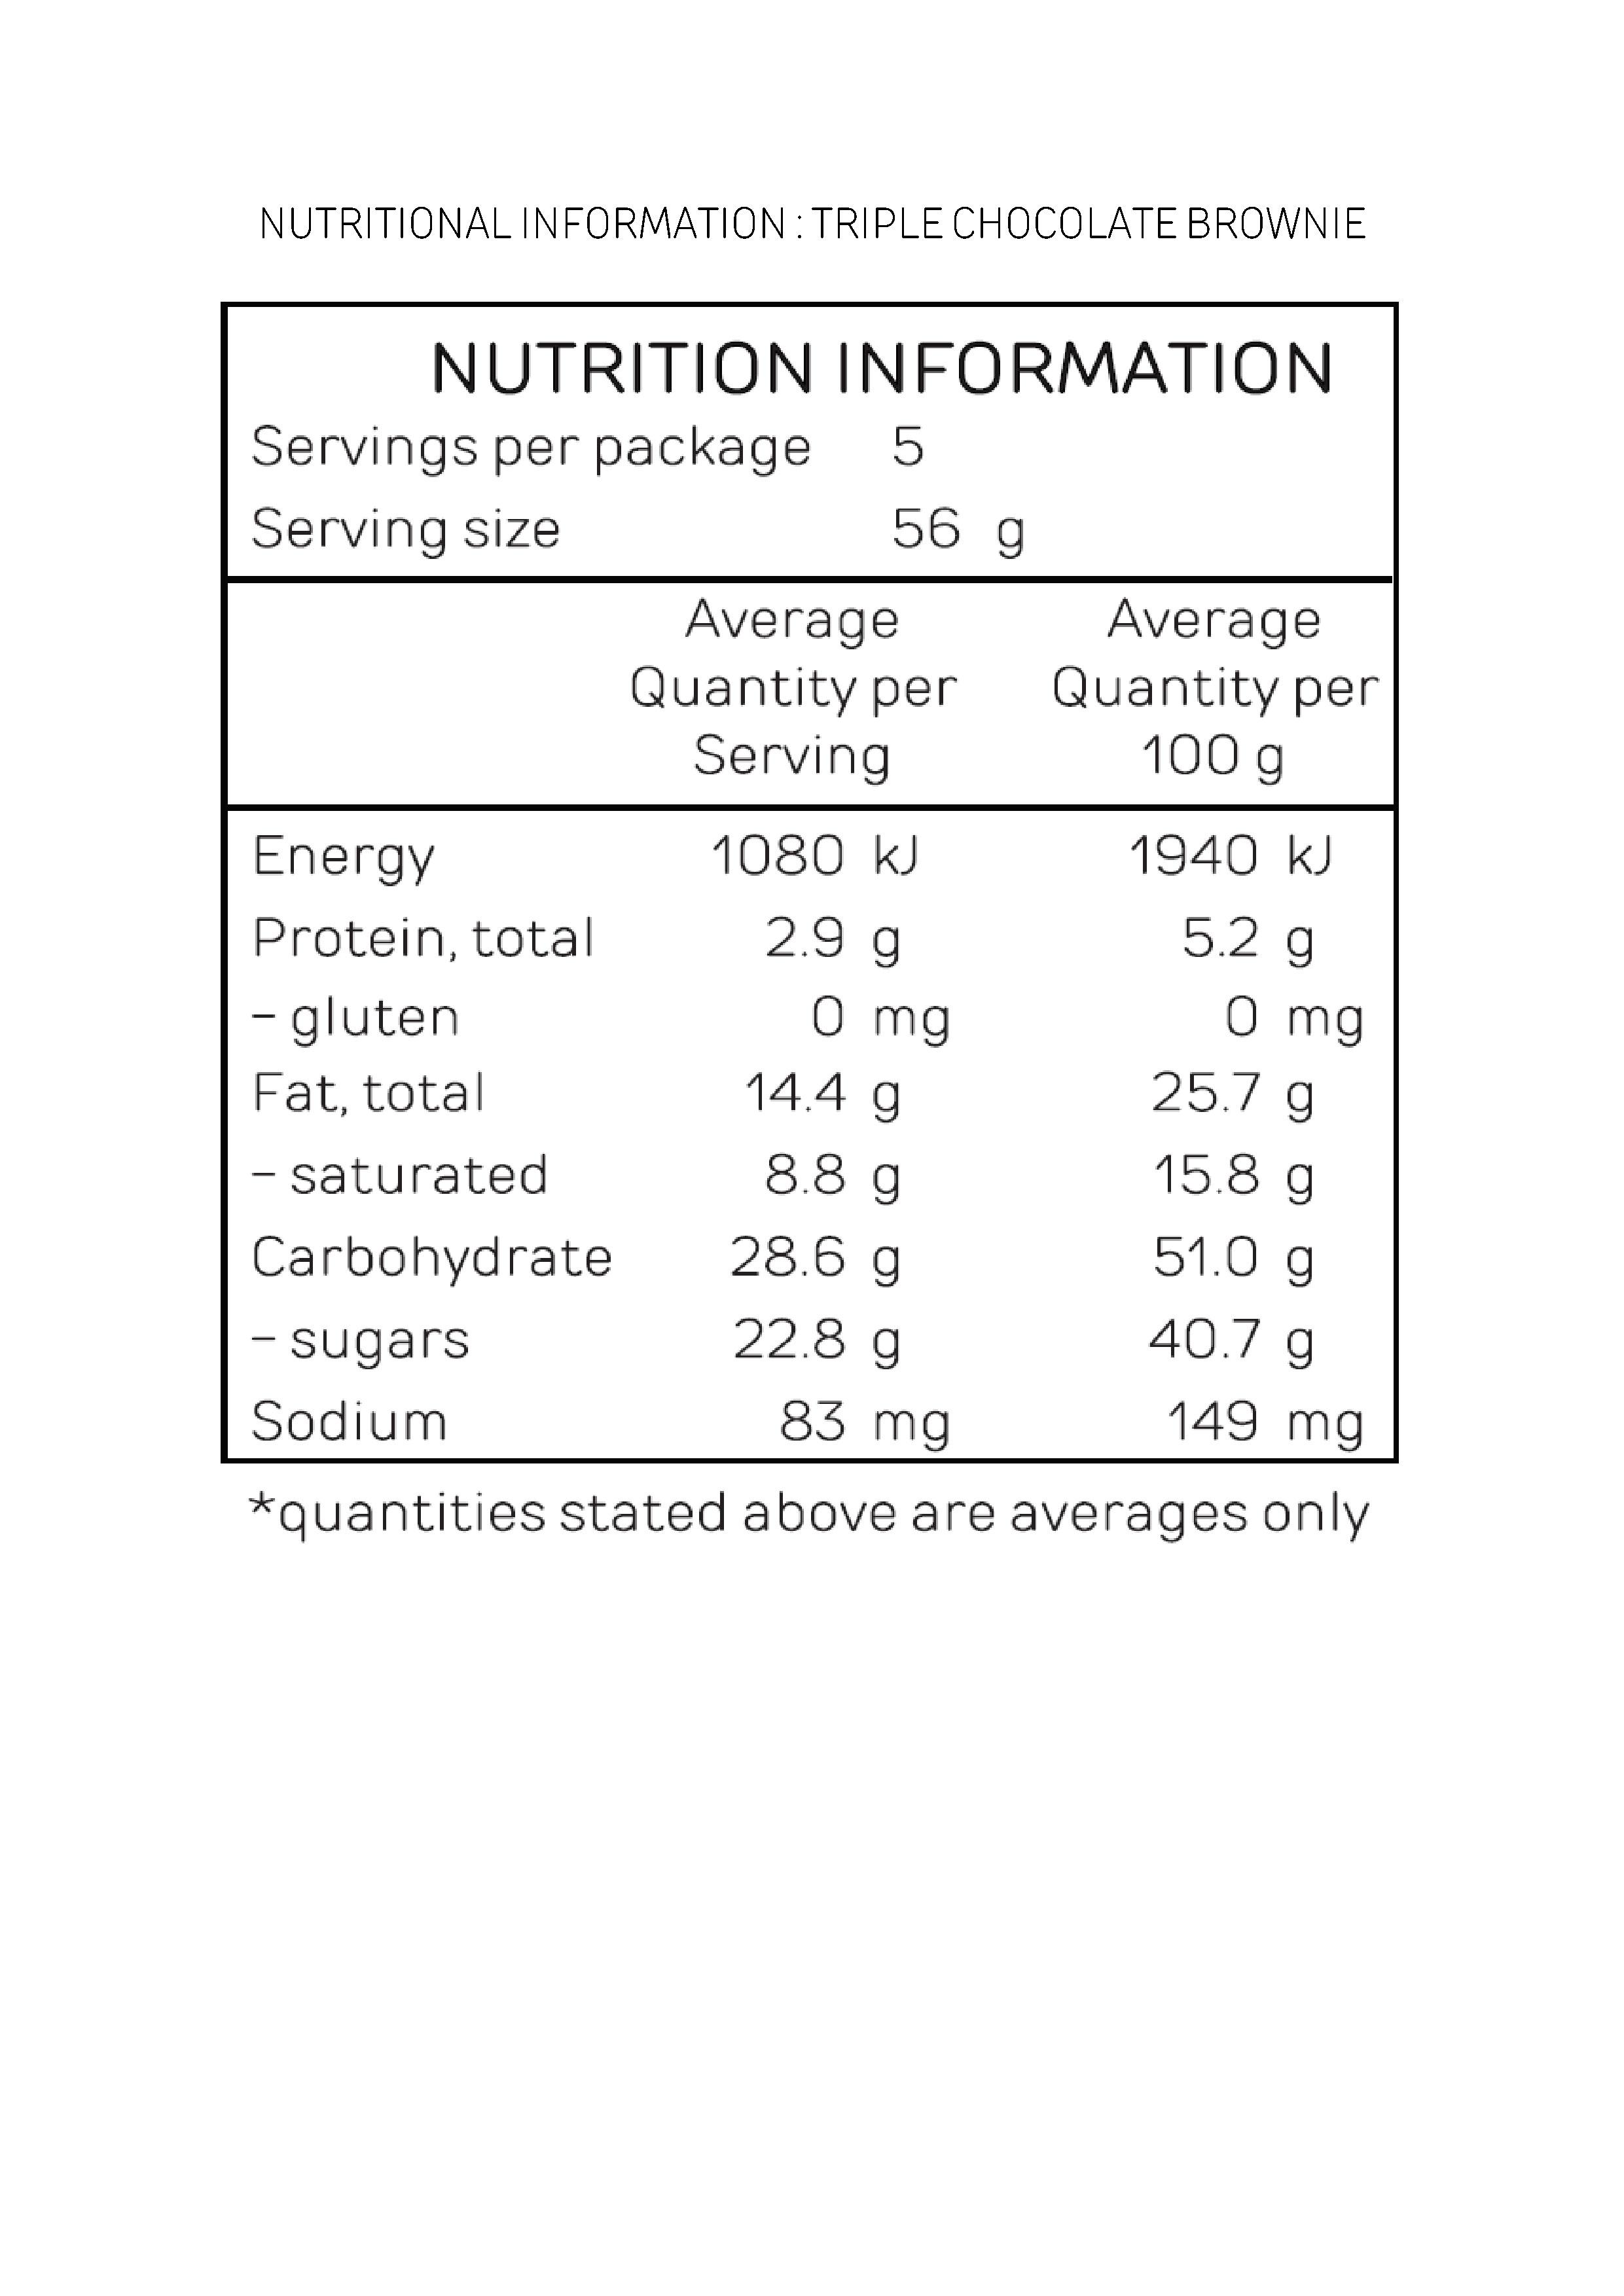 NUTRITIONAL INFORMATION_TRIPLE CHOCOLATE BROWNIE.jpg